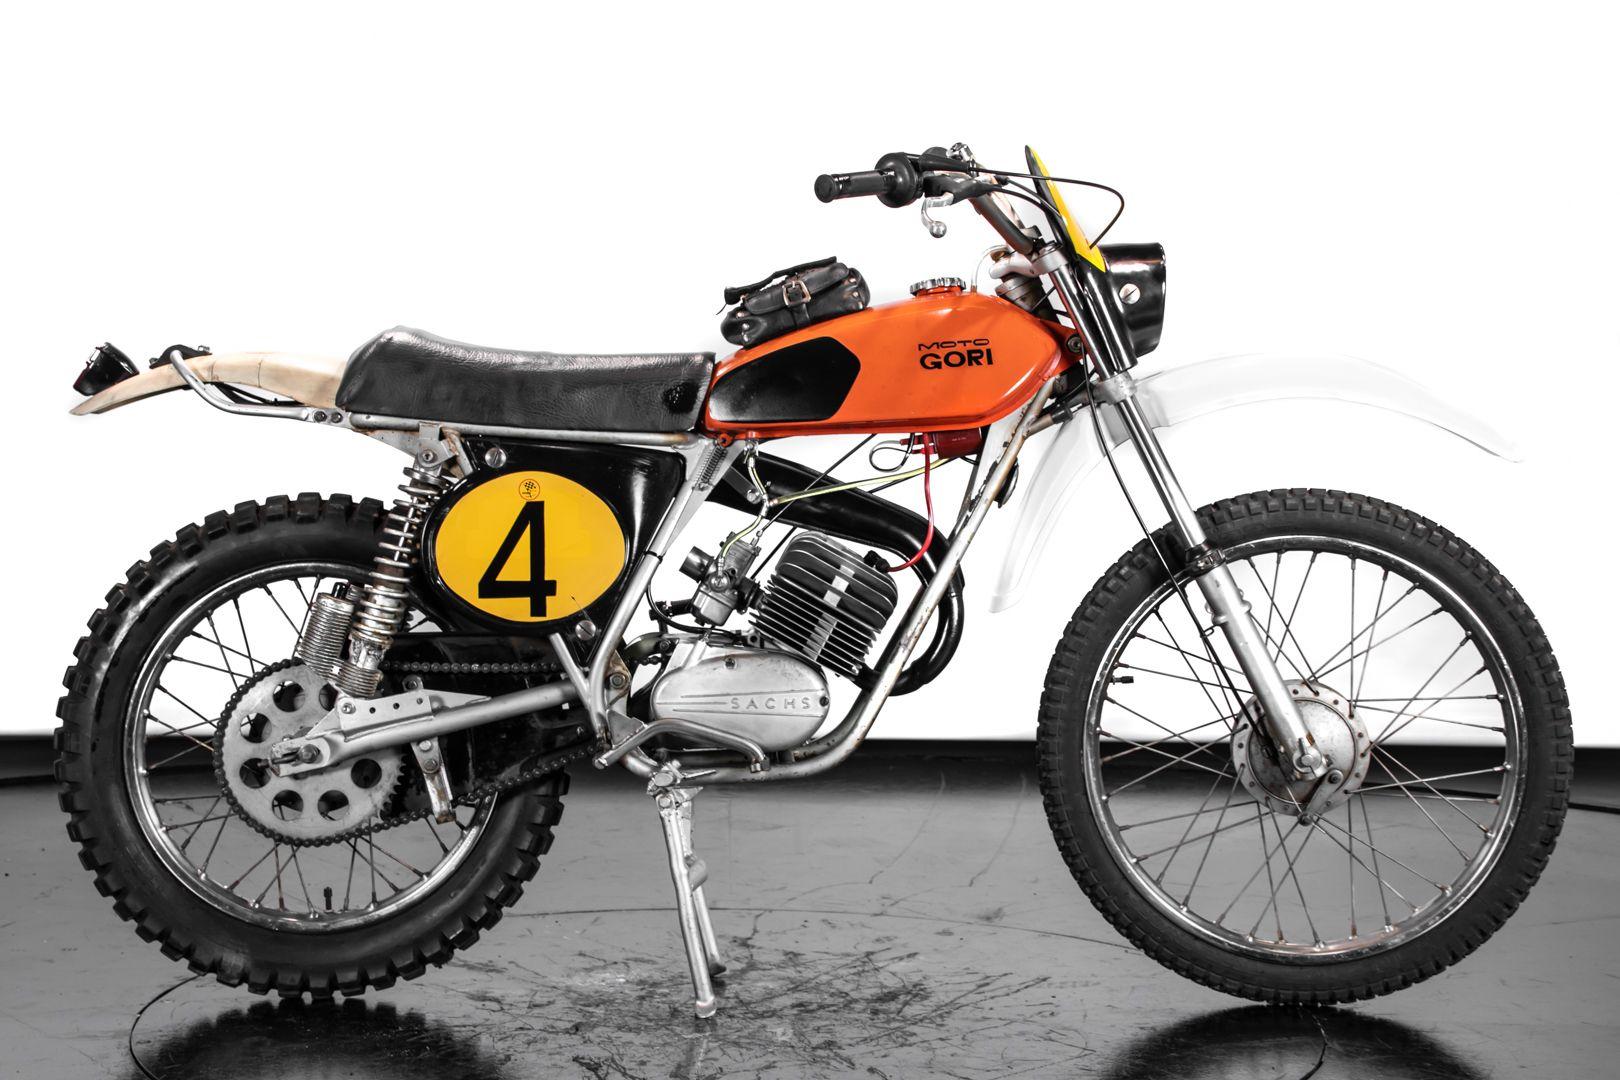 1978 Gori 50 J S 79893